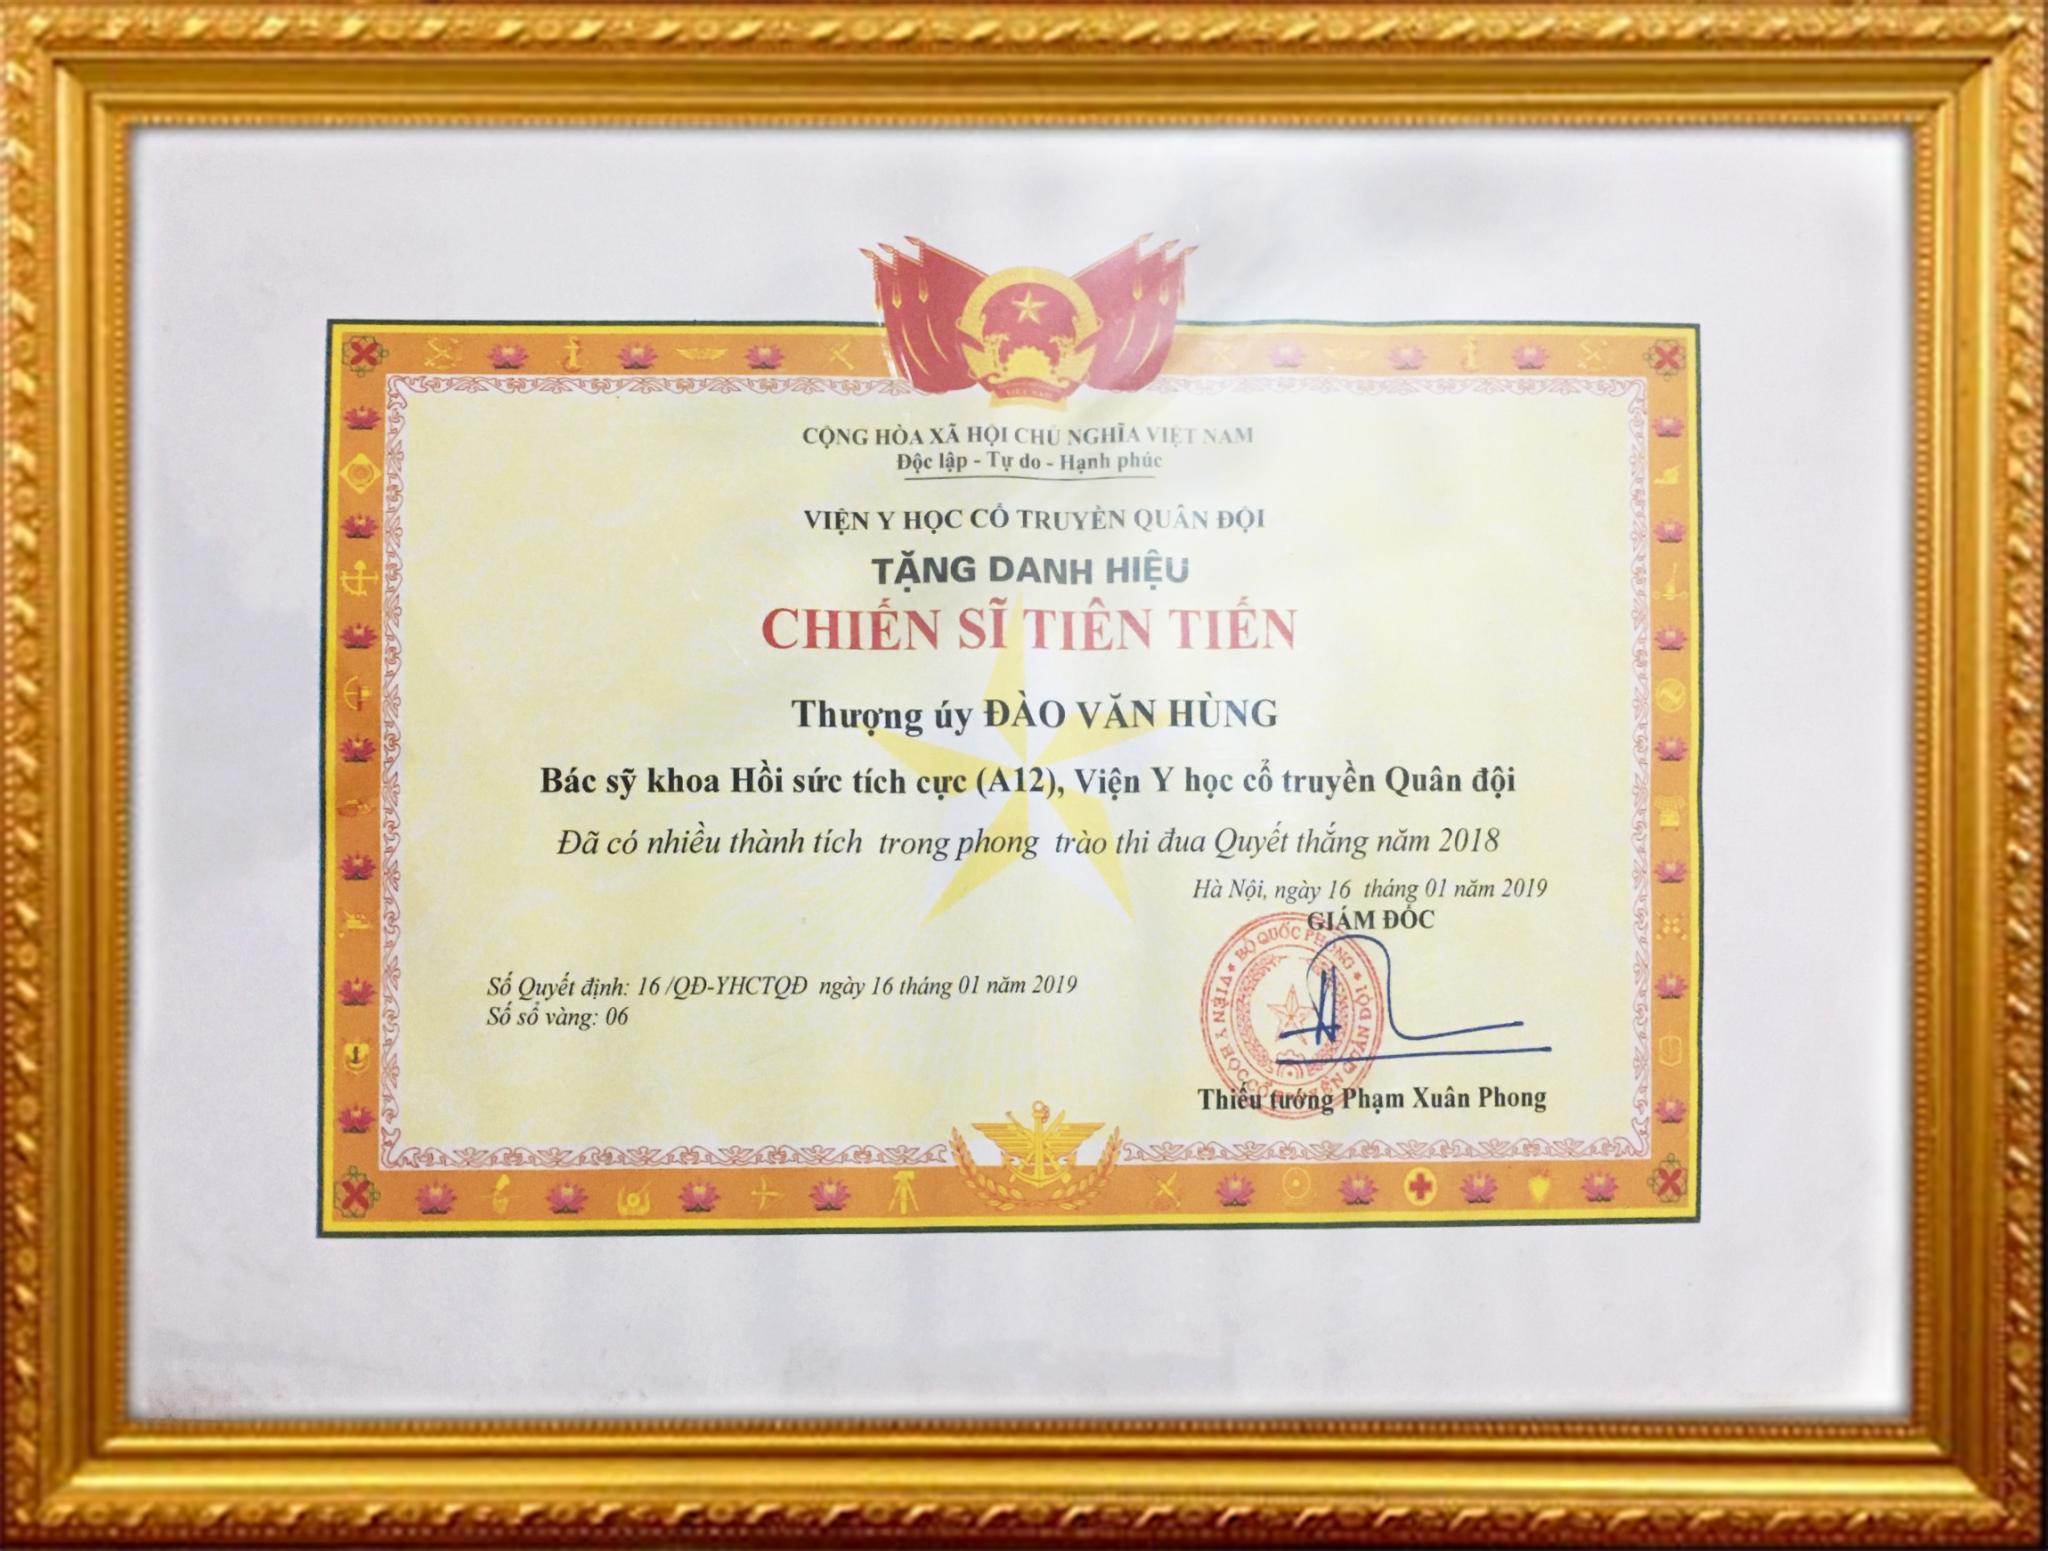 Bằng khen của giám đốc bệnh viện y học cổ truyền năm 2019 tặng Bs Đào Văn Hùng